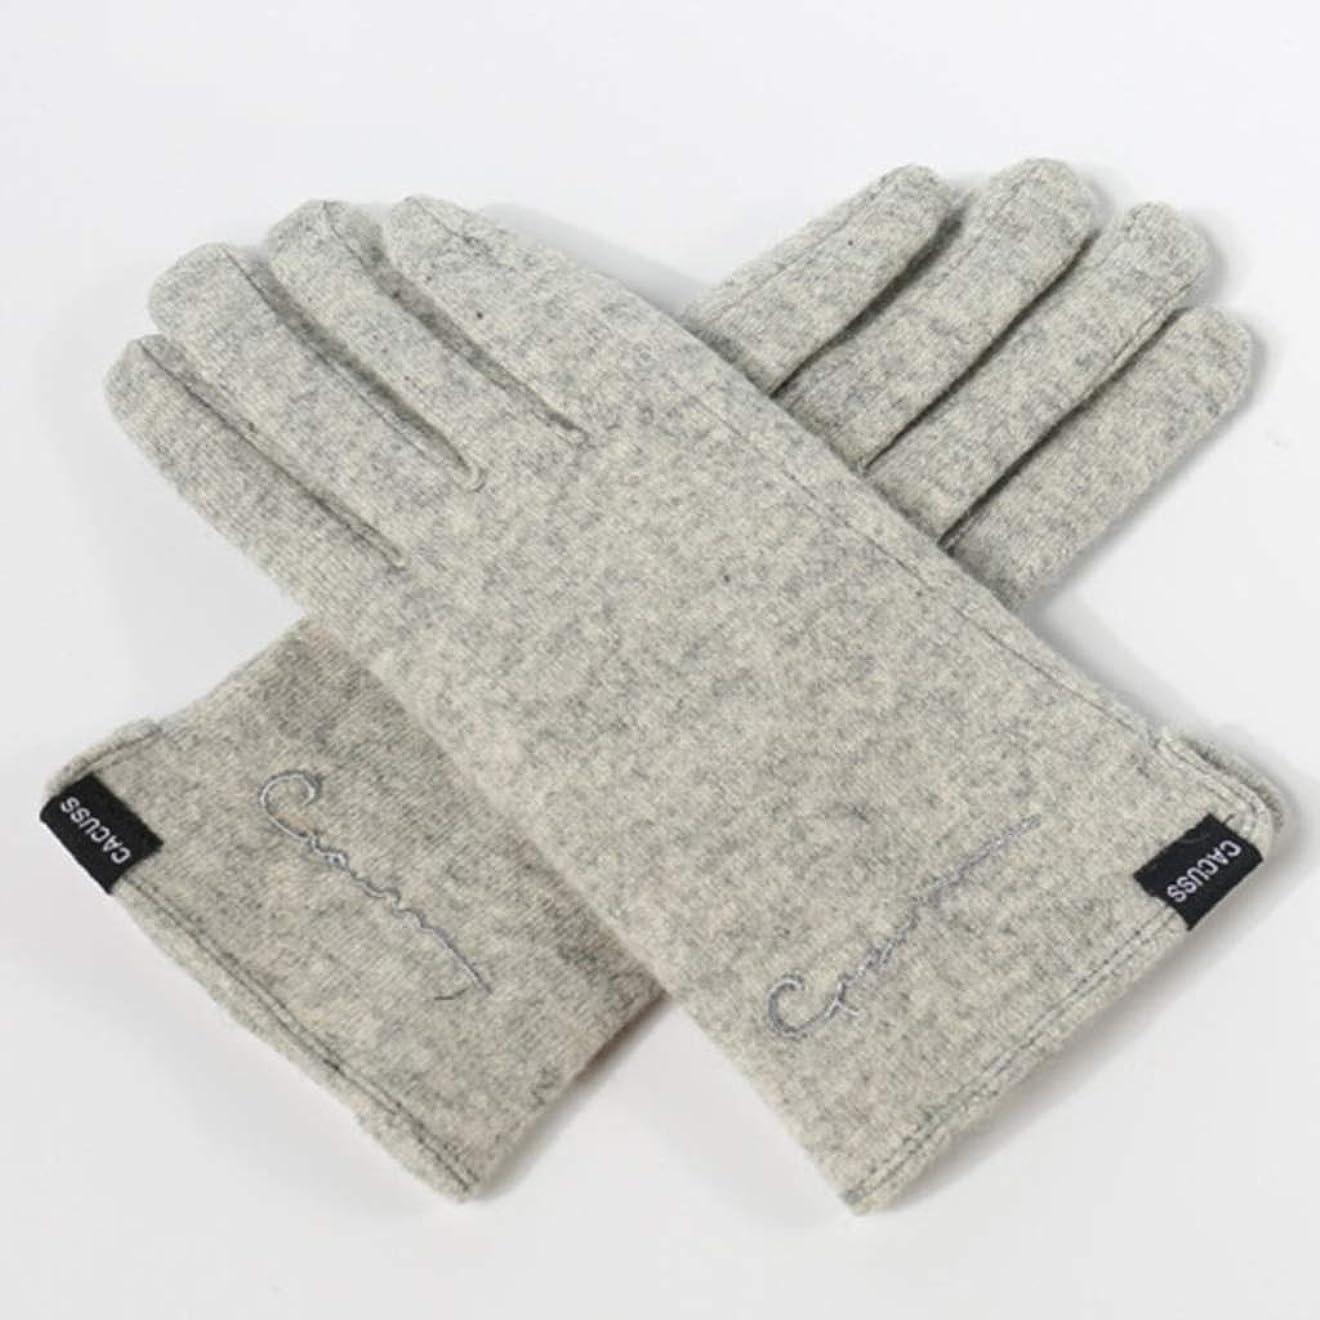 道路共同選択ずらす手袋女性の冬のタッチスクリーンのファッション暖かく快適なポイントは、乗馬を厚くする (色 : Gray)